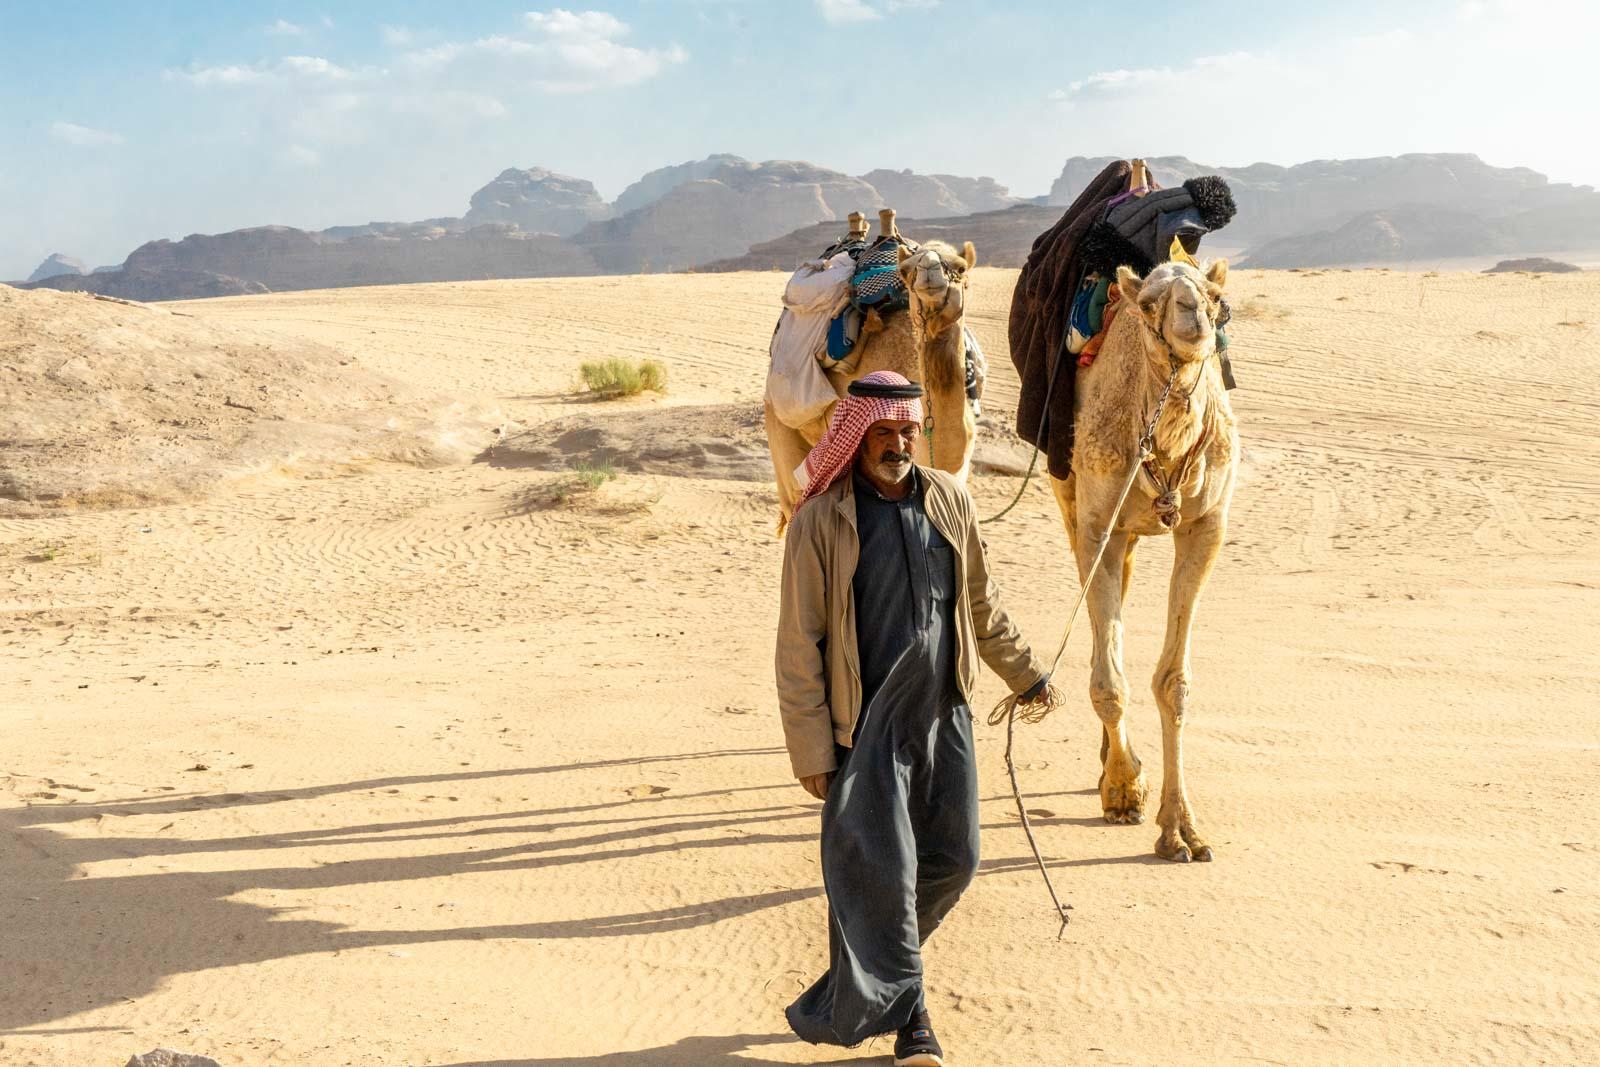 Camels at Wadi Rum, Jordan